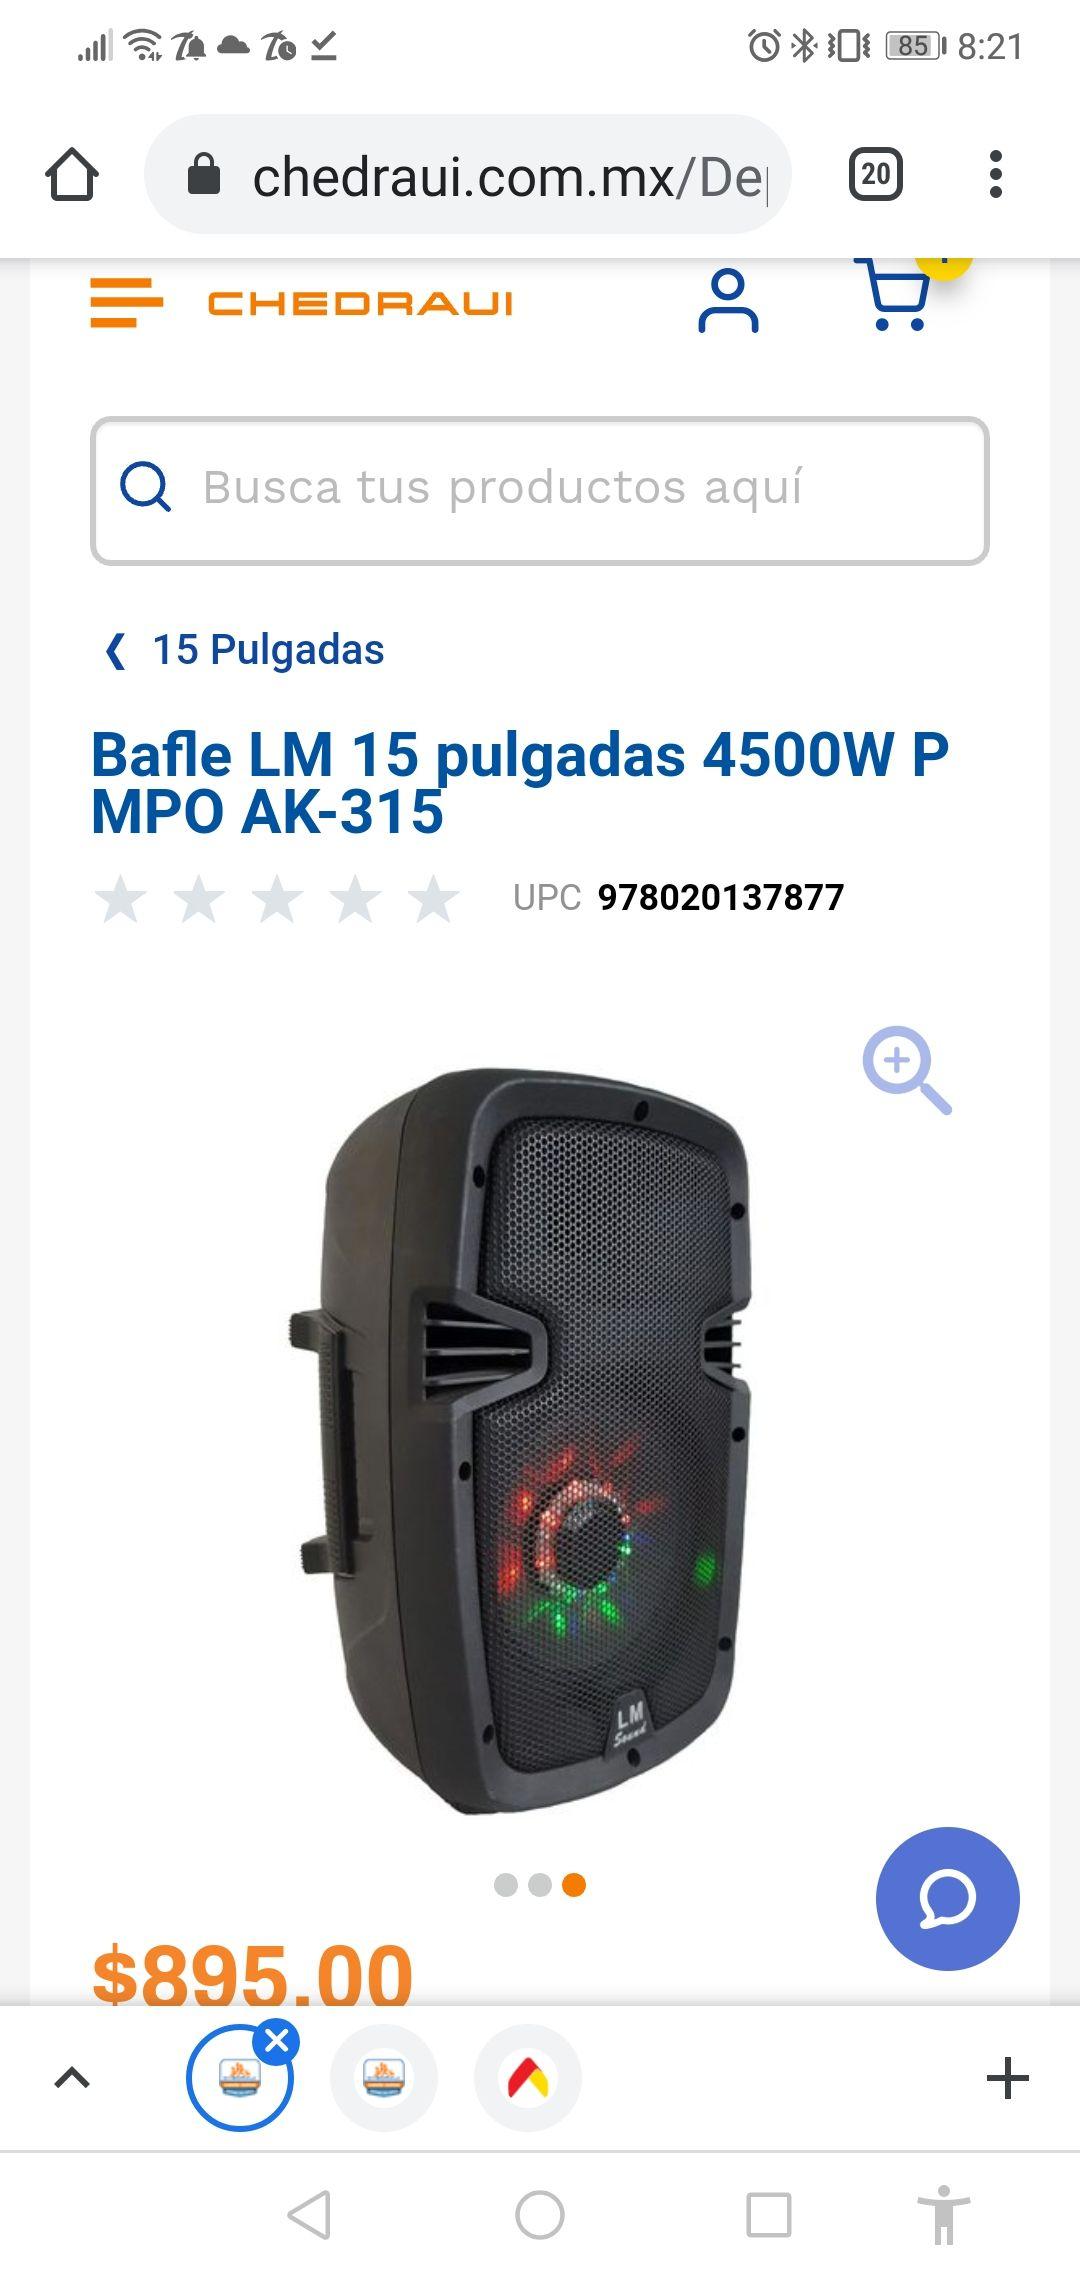 Bafle LM 15 pulgadas 4500W PMPO AK-315 (CHEDRAUI EN LINEA)